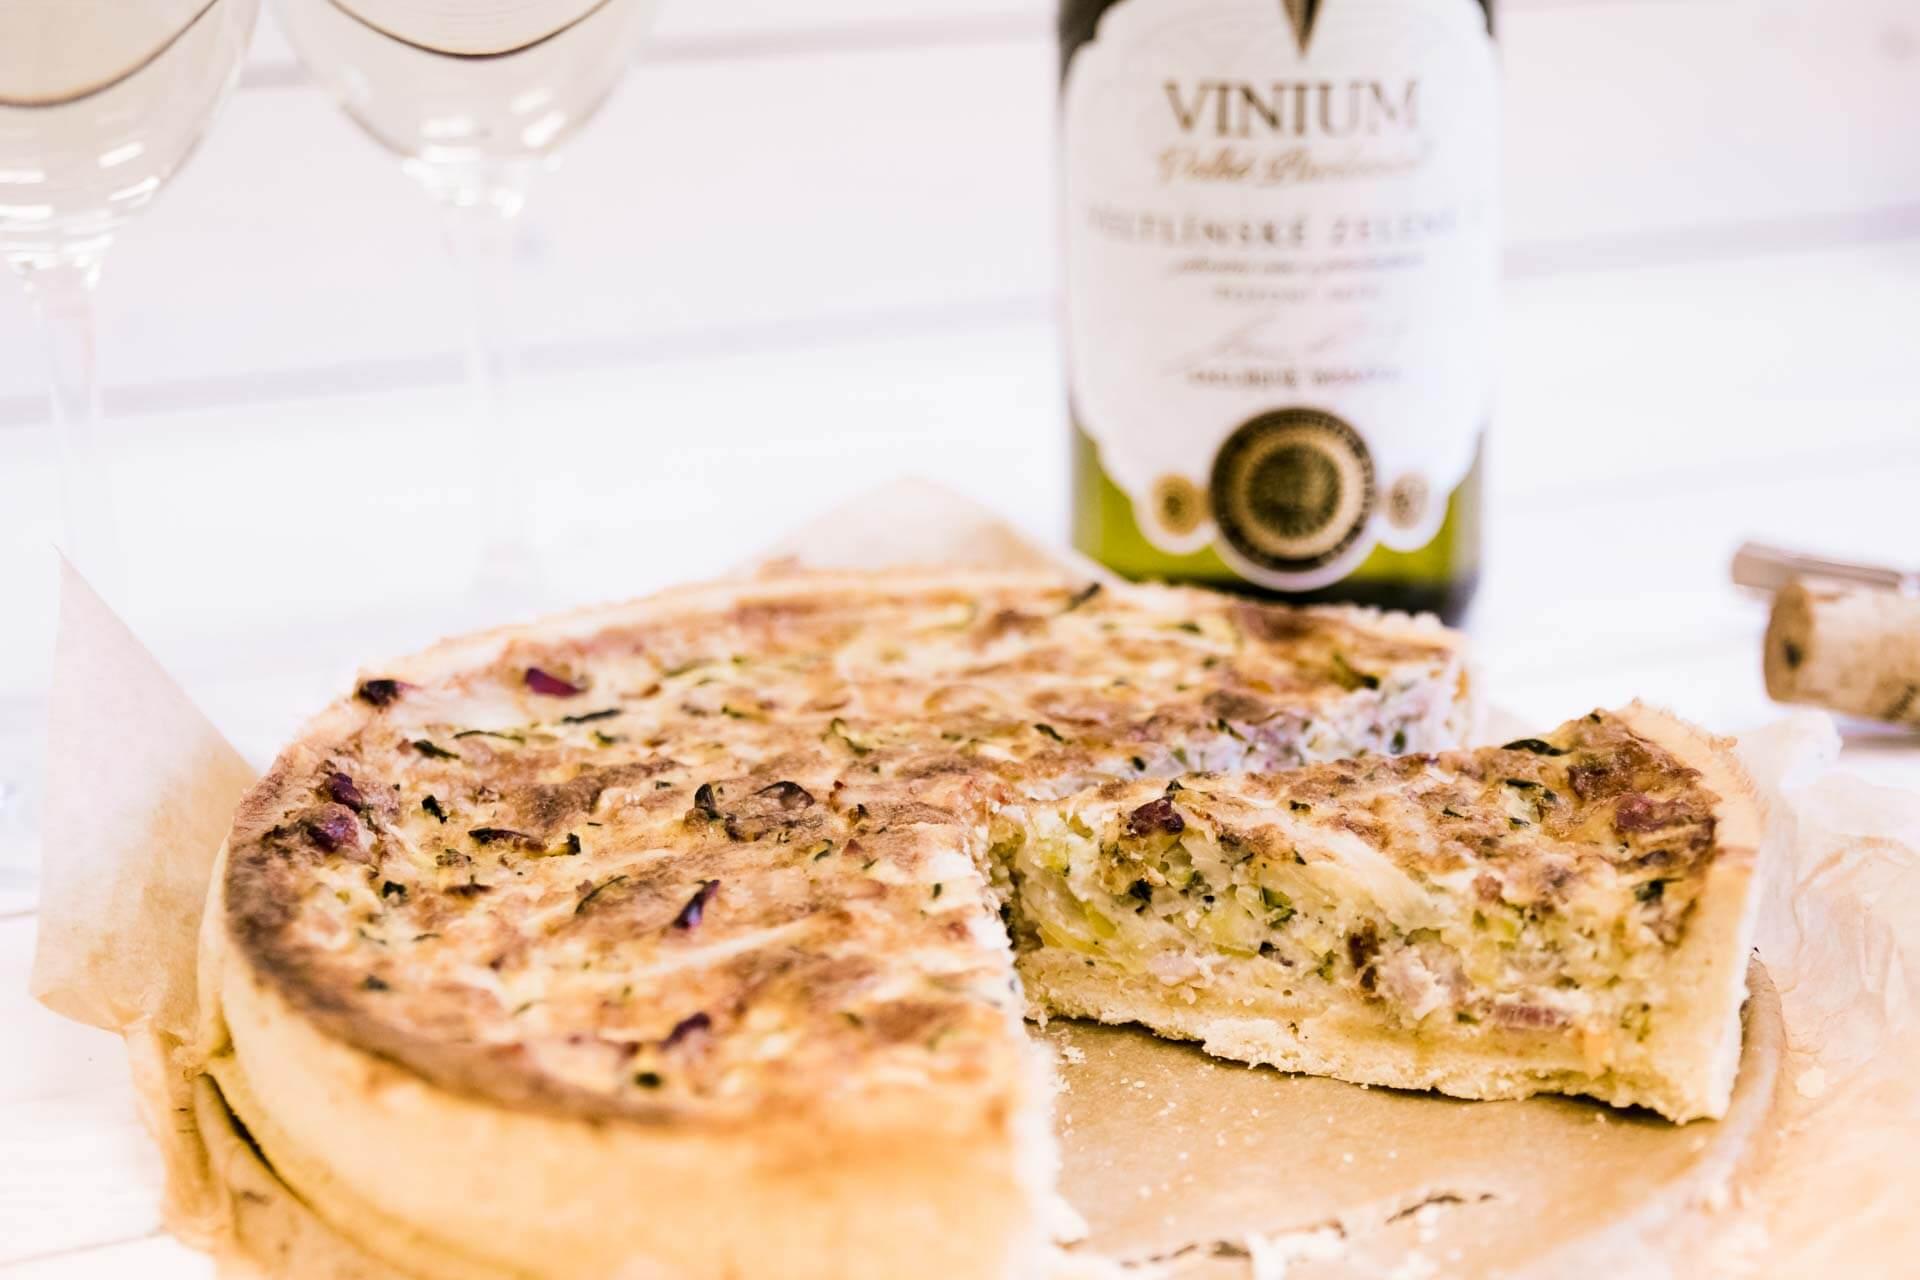 Foto ke článku 3, recept quiche, slaný koláč, Veltlínské zelené, VINIUM